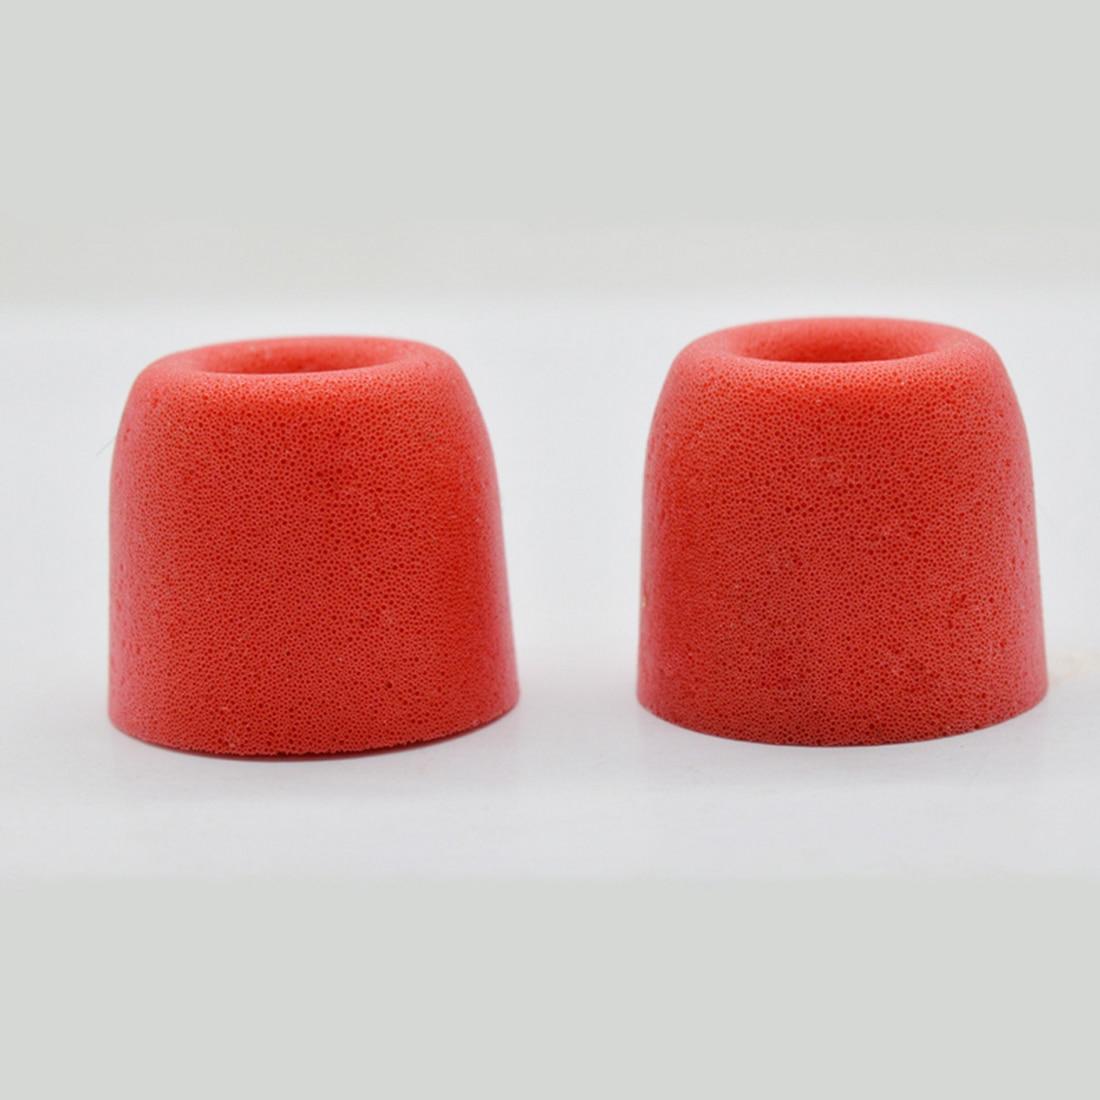 Marsnaska Red 1 pair ForT100 T200 T400 Earphone tips Memory Foam Sponge ear pads for headphones 4.9 mm Caliber